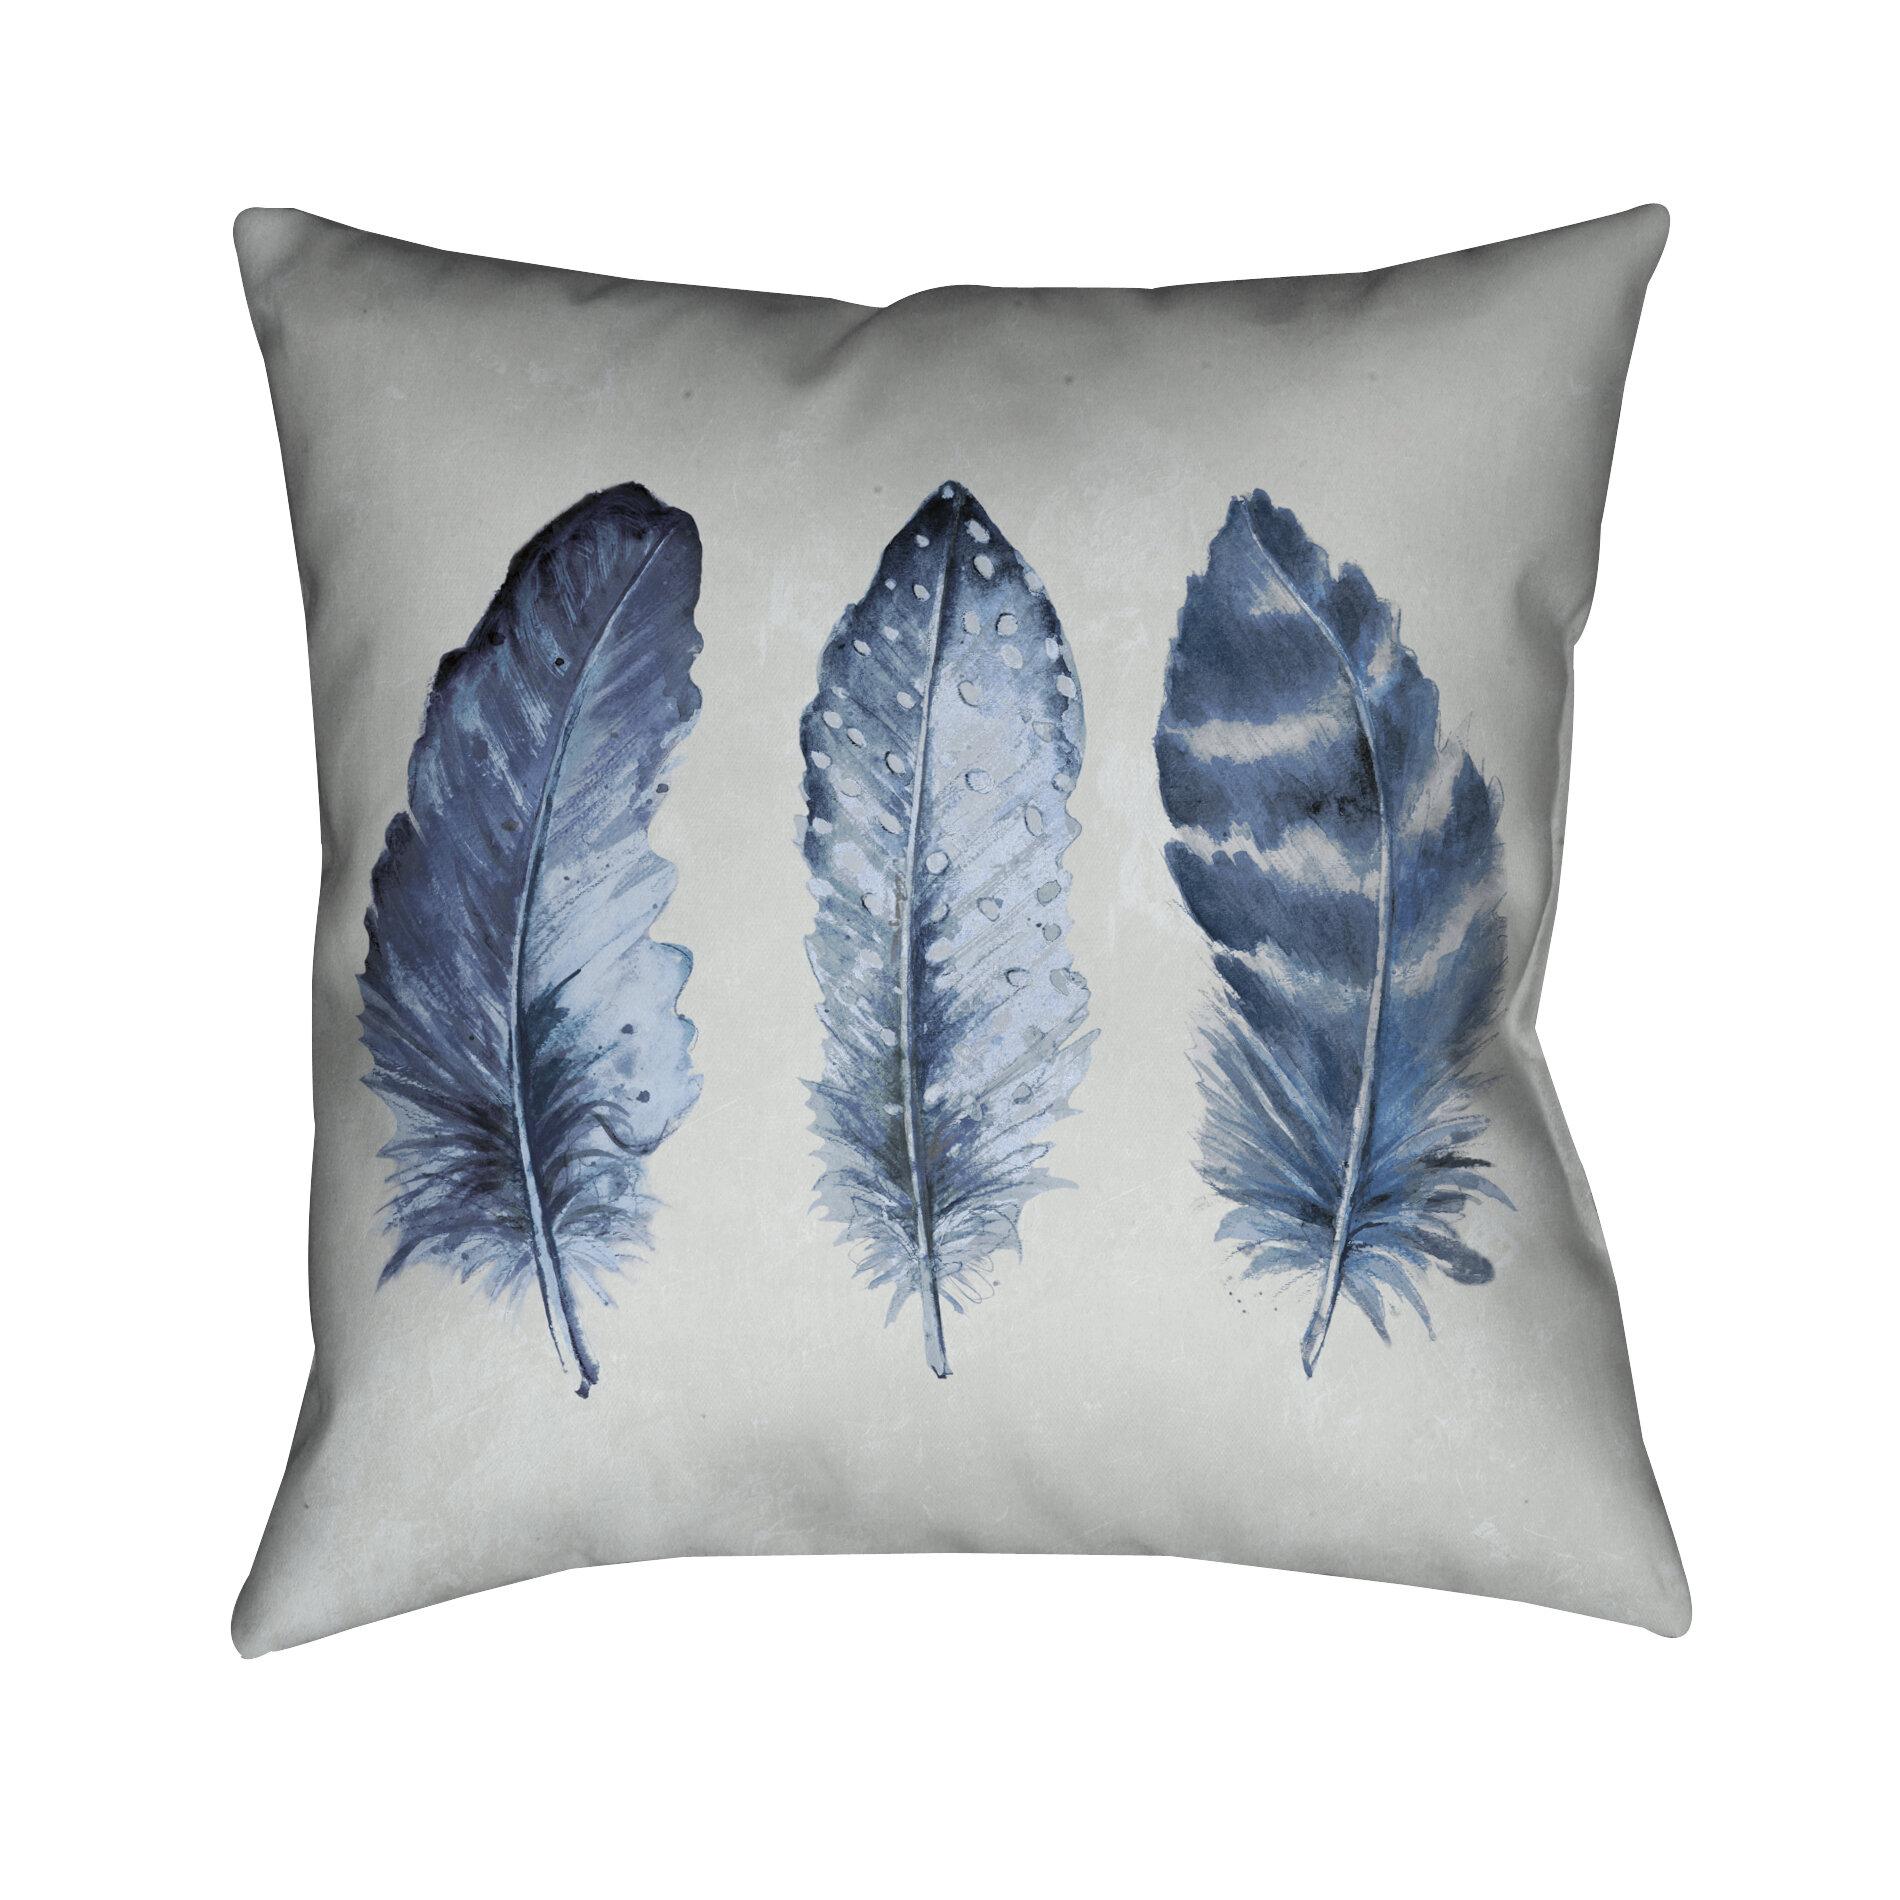 Wrought Studio Wilmoth Indigo Feathers Throw Pillow Wayfair